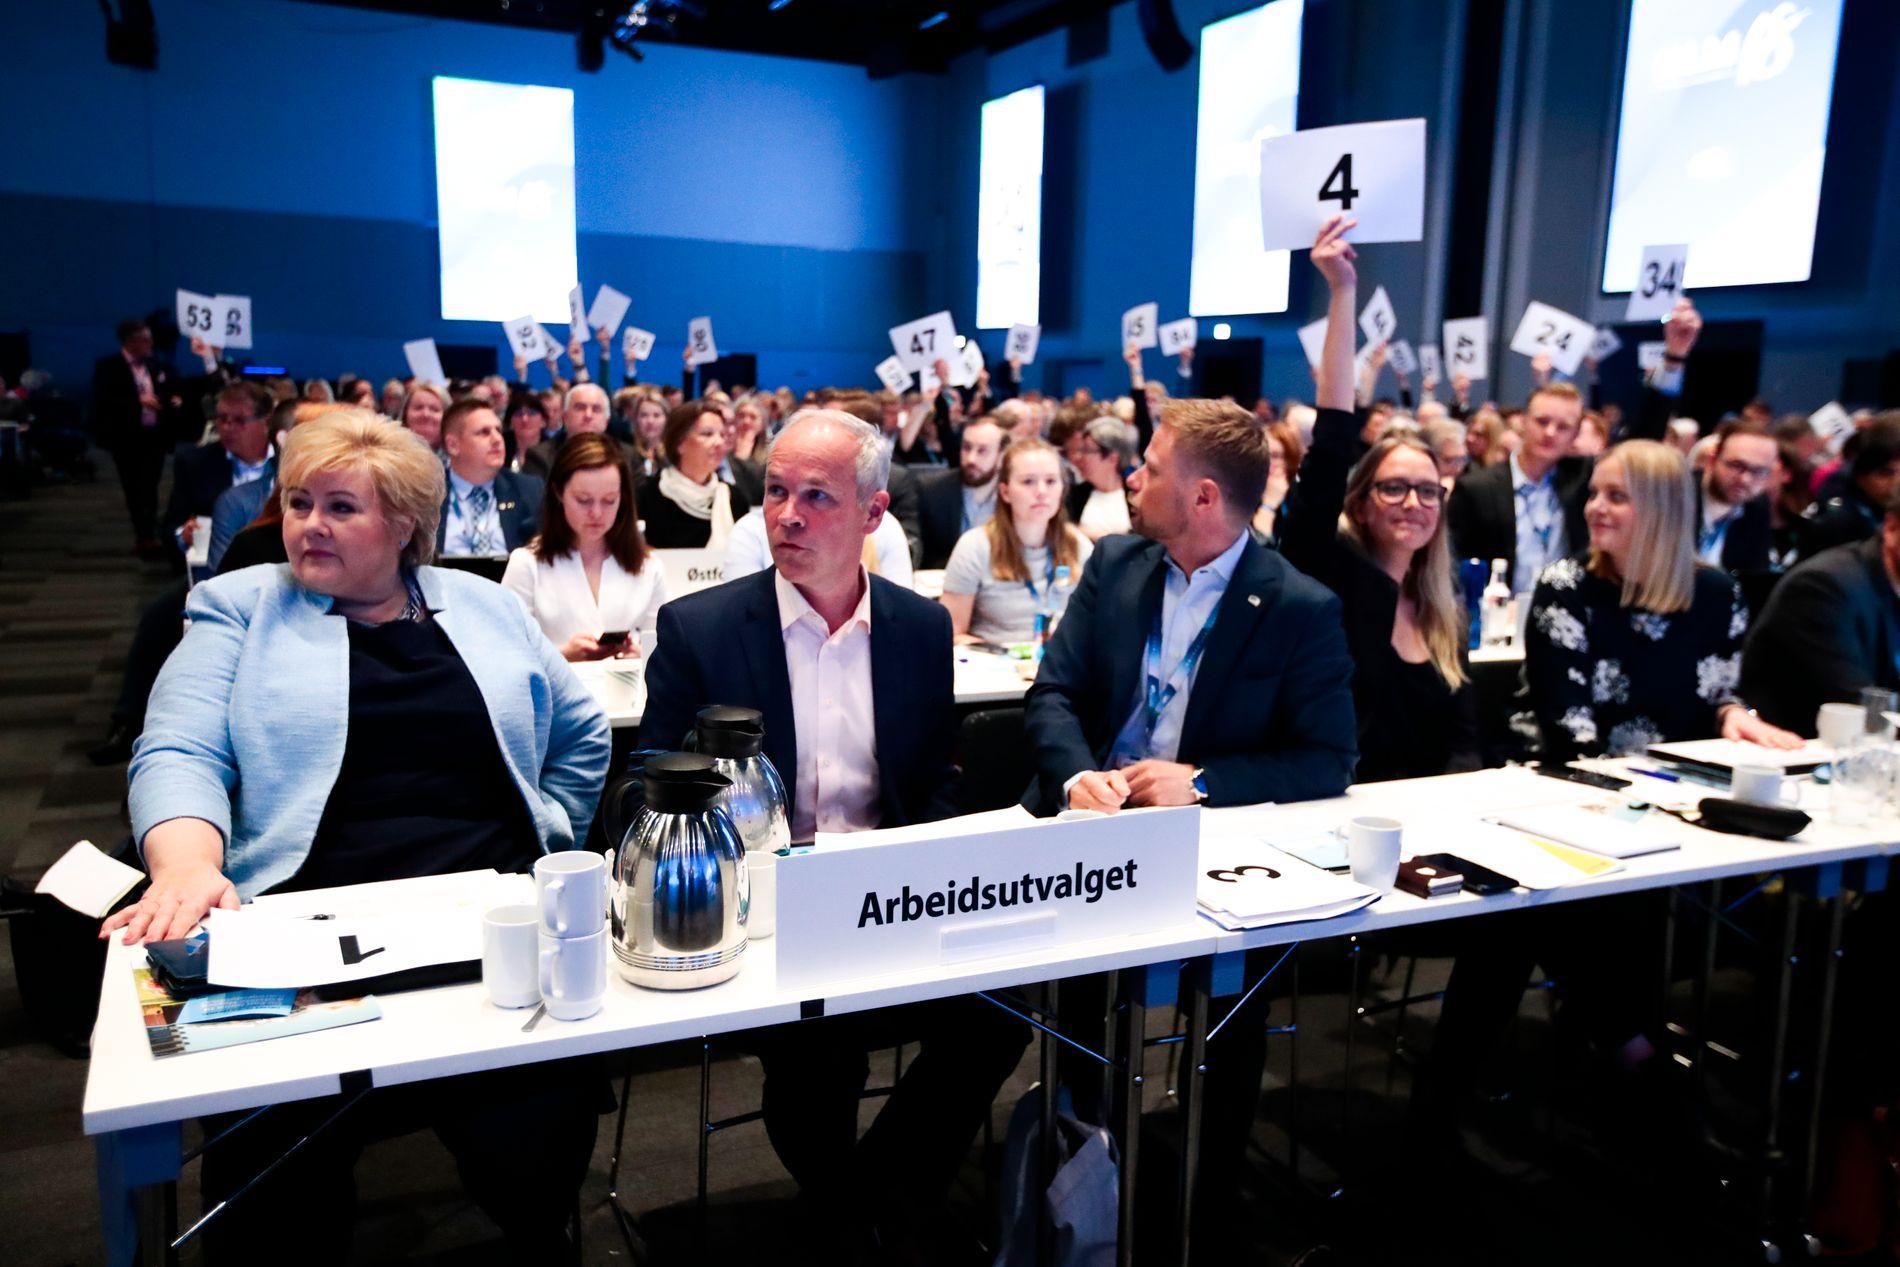 KNUSENDE RO: – At landsmøtet vedtok «ja» til eggdonasjon var forventet og partiledelsen hadde lave skuldrer inn i denne diskusjonen, sier statsråd Jan Tore Sanner etter bioteknologidebatten. Bilde er tatt under avstemmingen av surrogati.